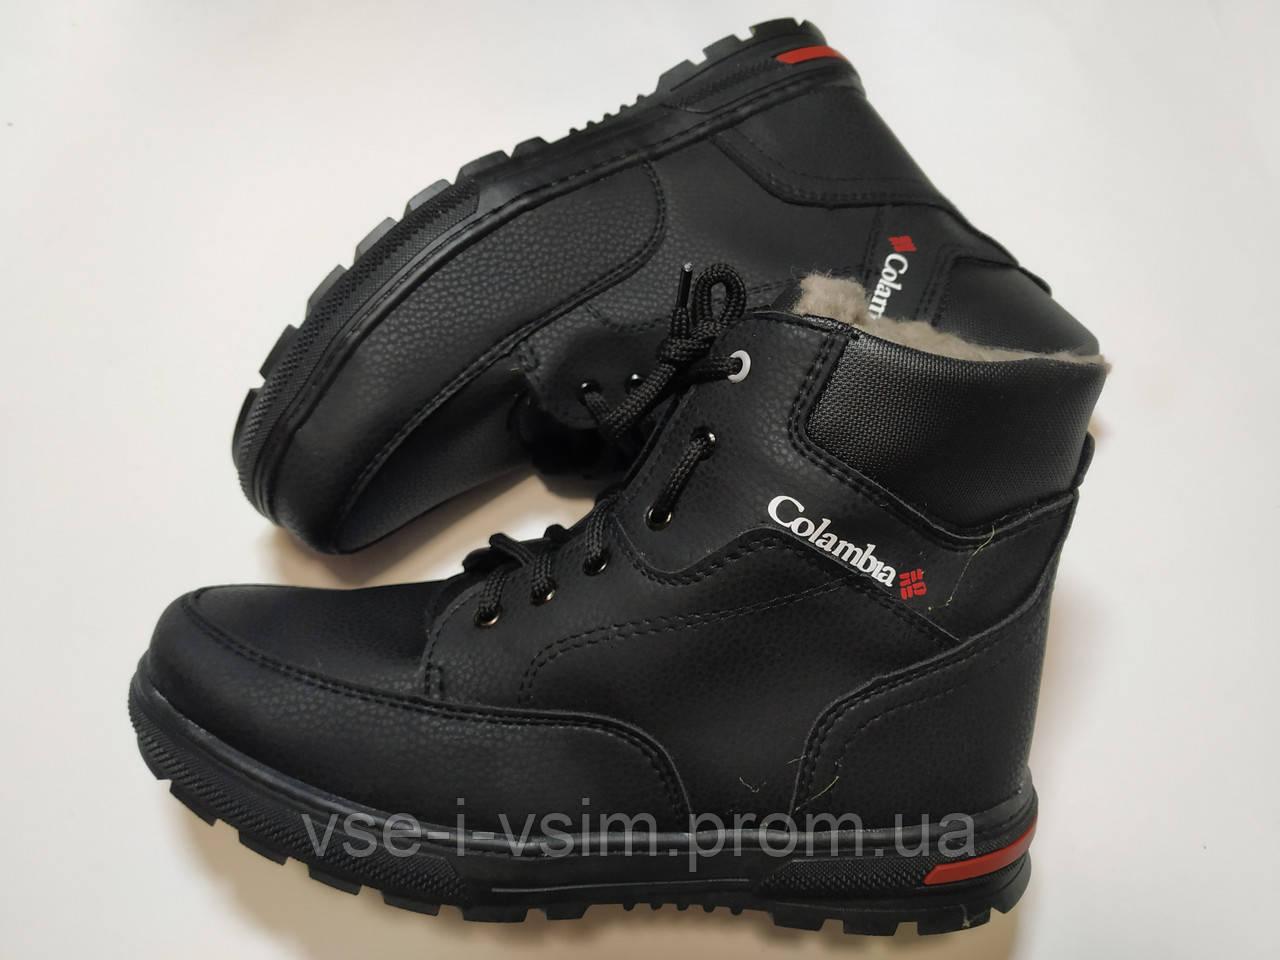 Ботинки Мужские теплые 42 р 27.5 см